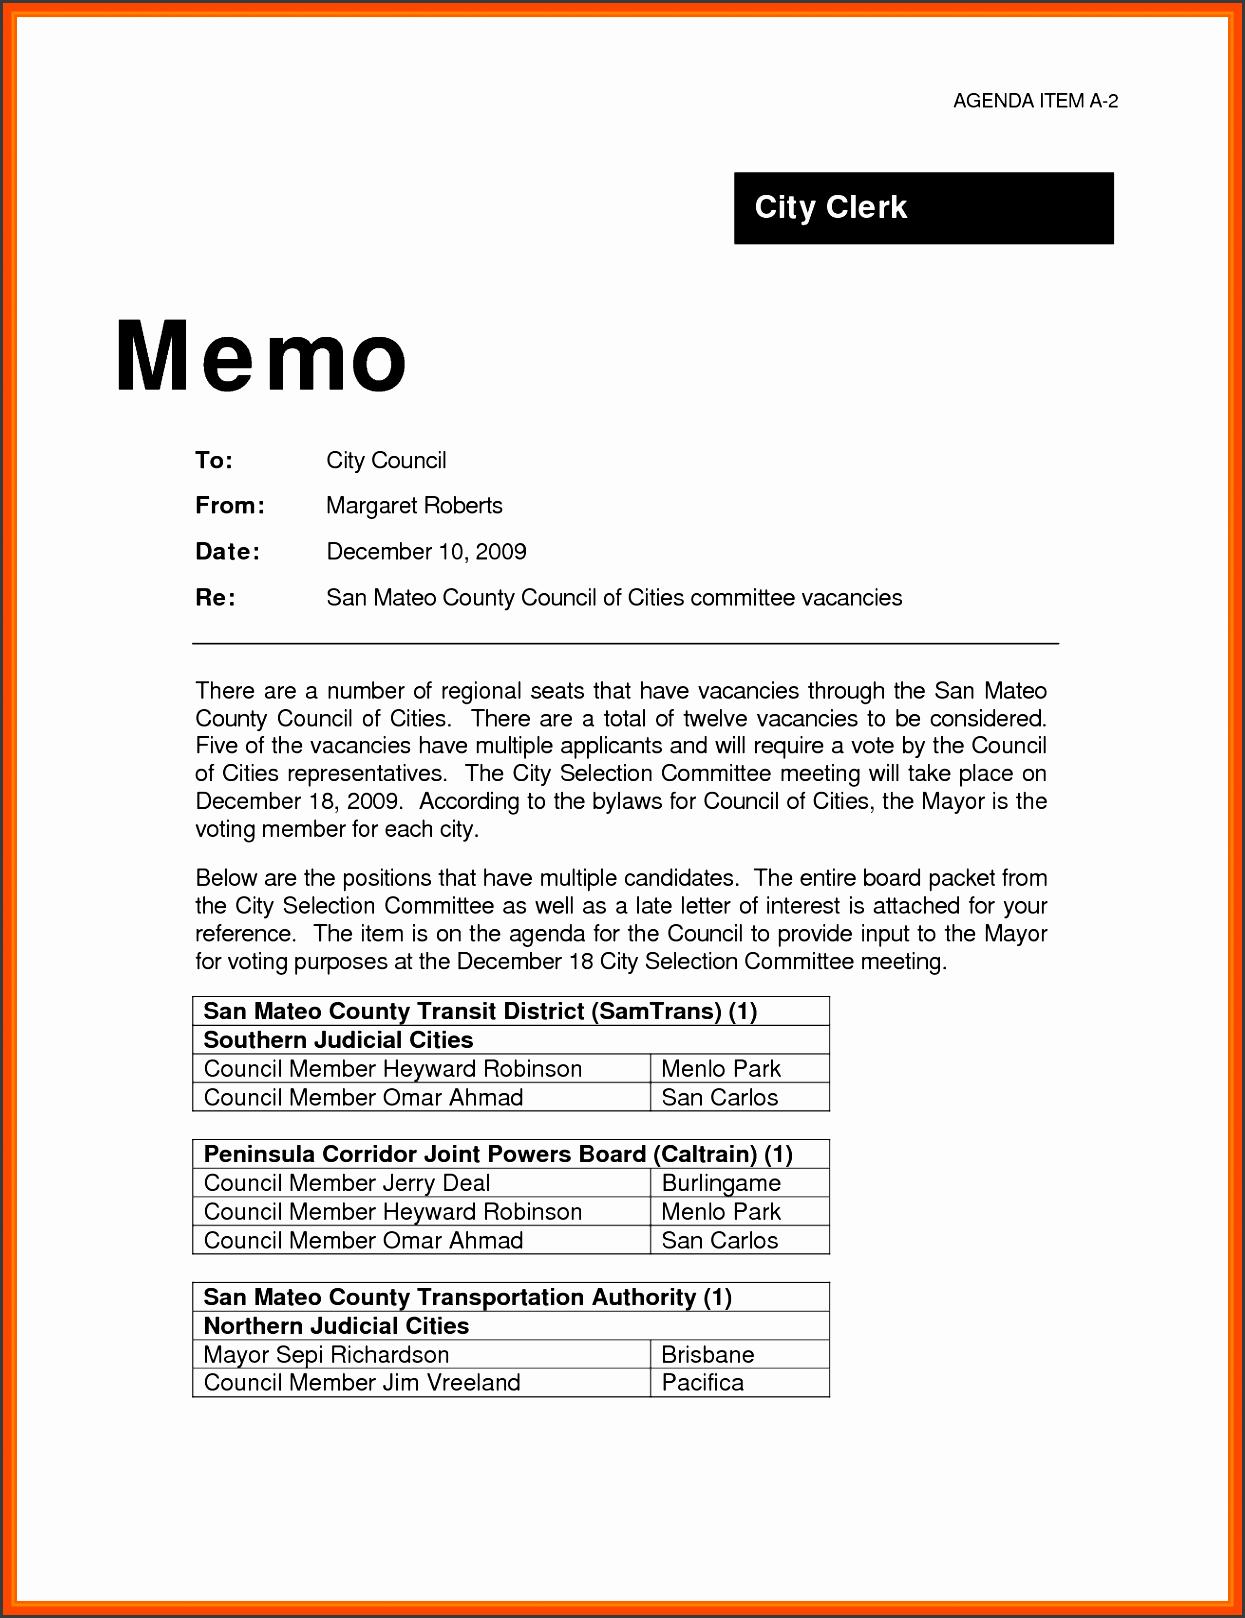 professional memo professional memo format professional memo format